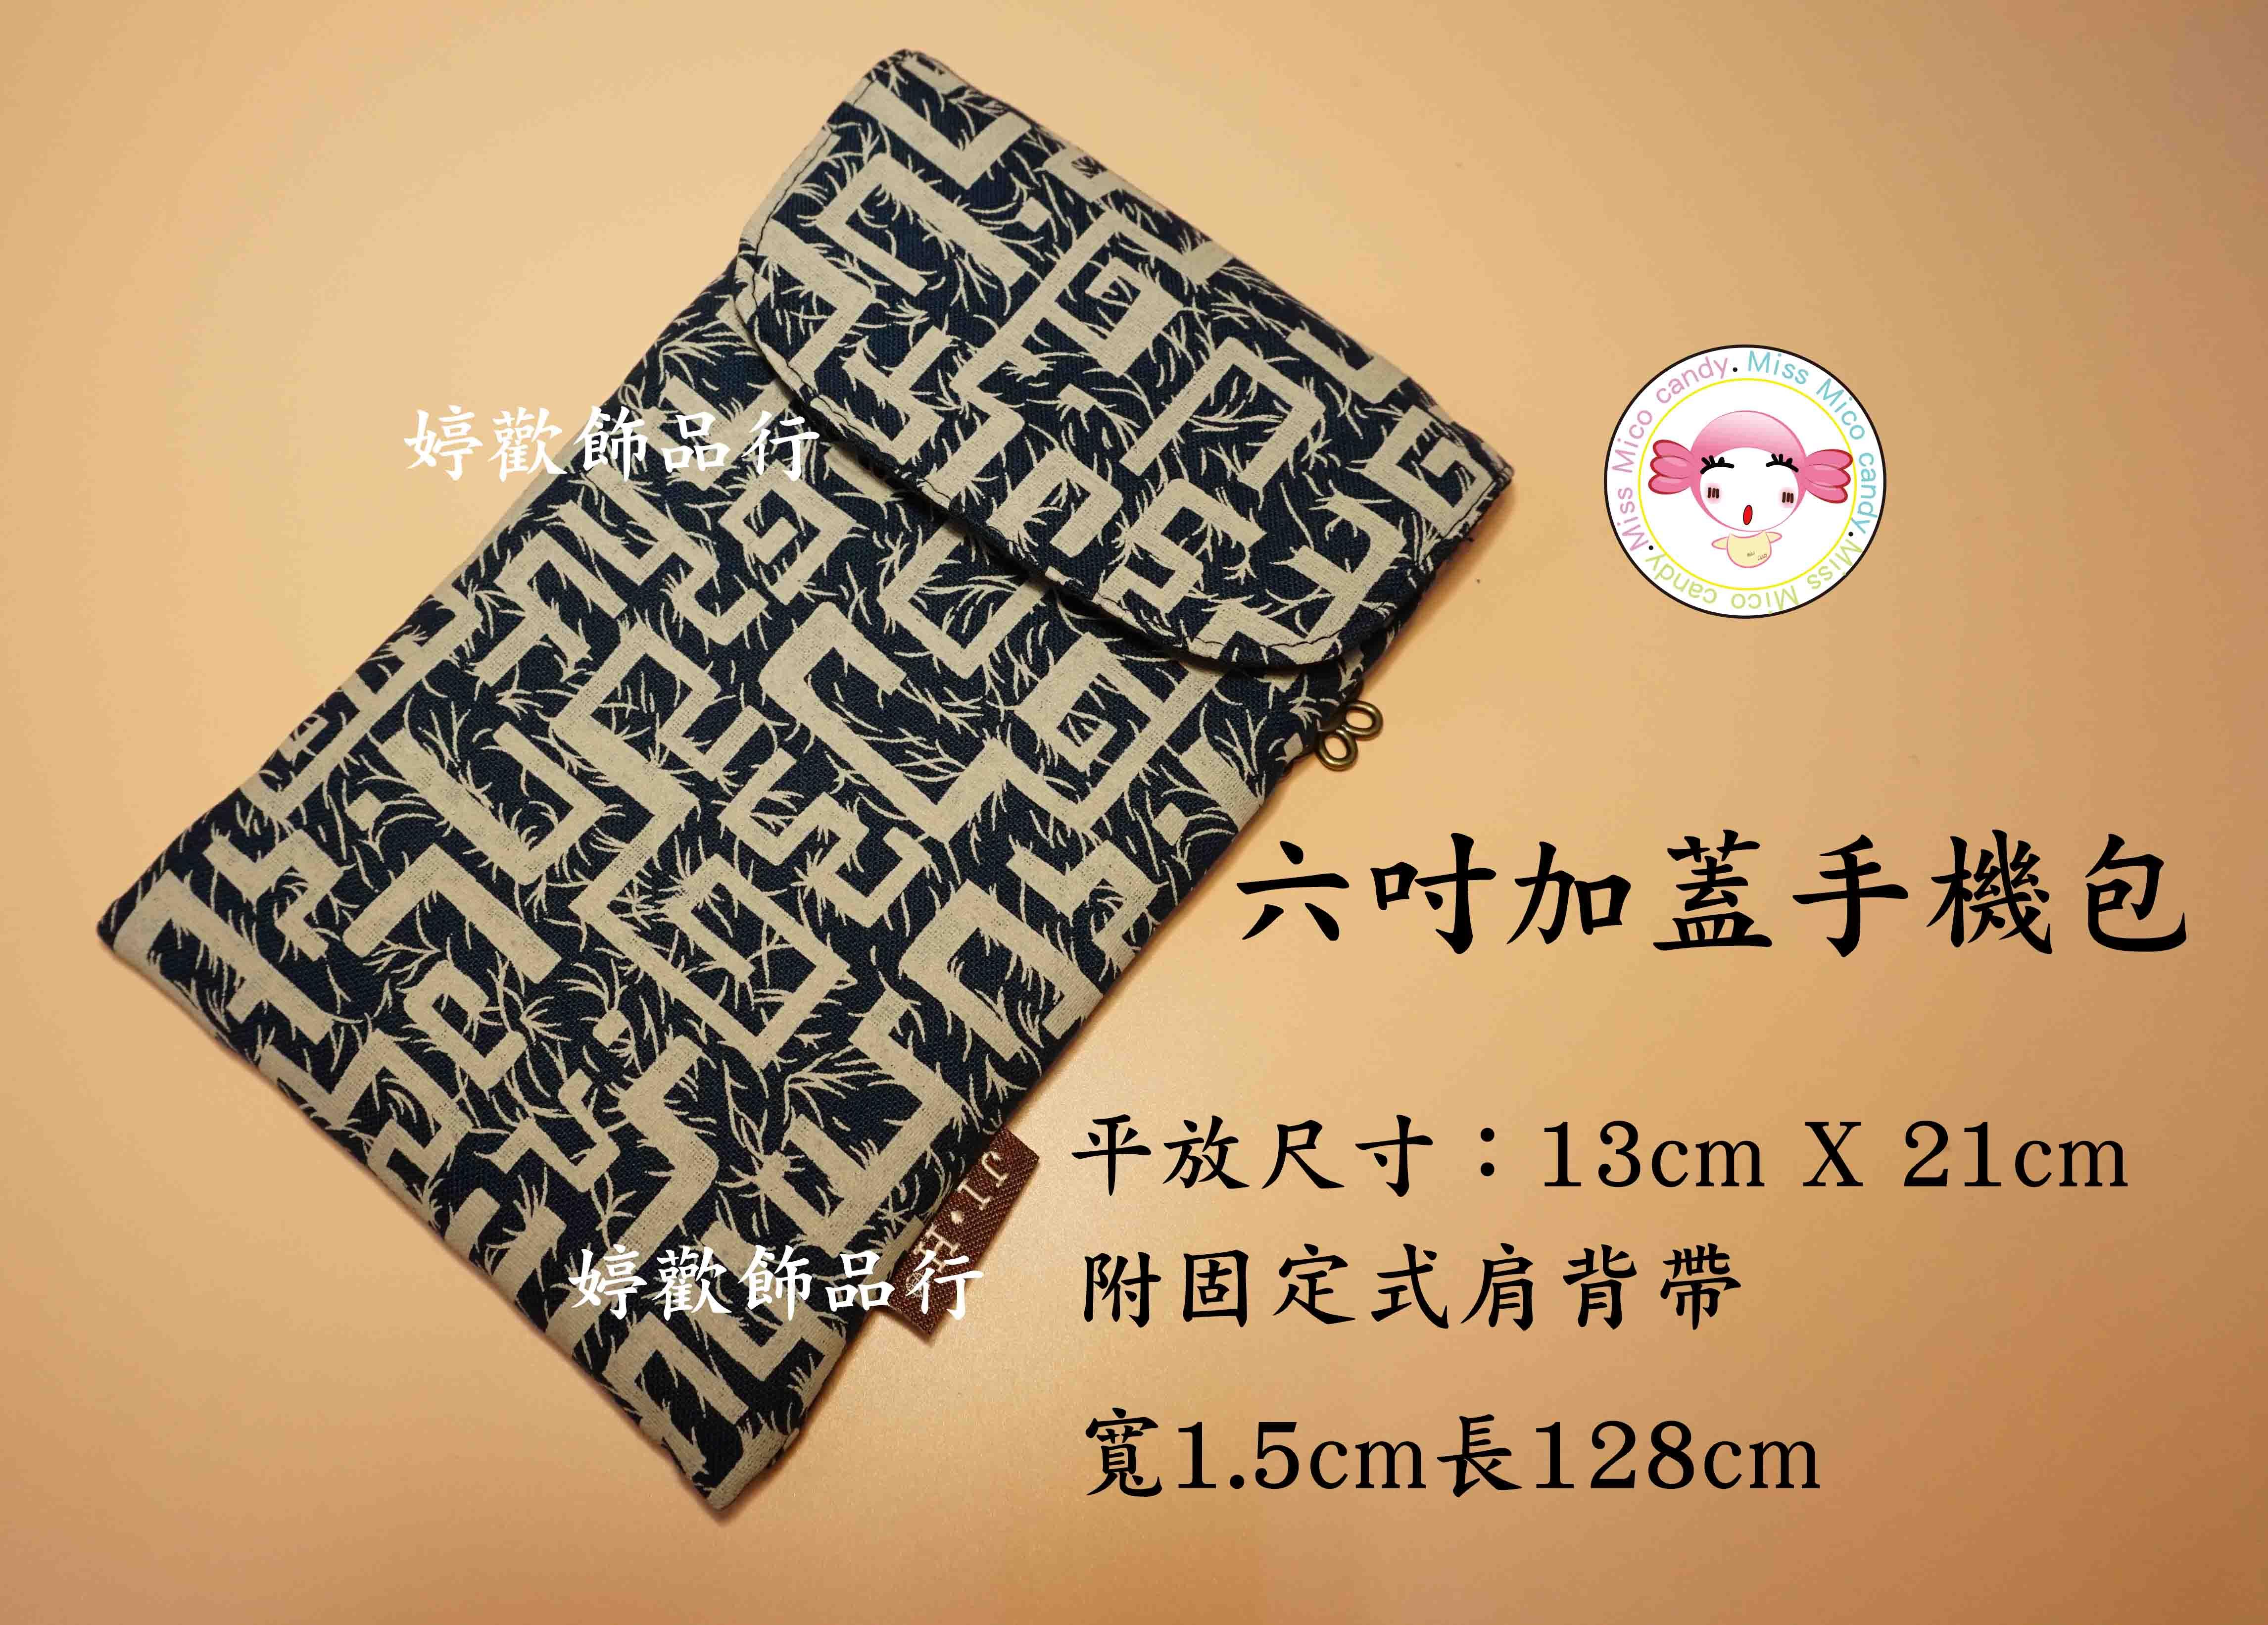 6吋加蓋側背手機袋相機包『casio zr.sony. Iphone . HTC . Samsung . 小米機』/名牌精品